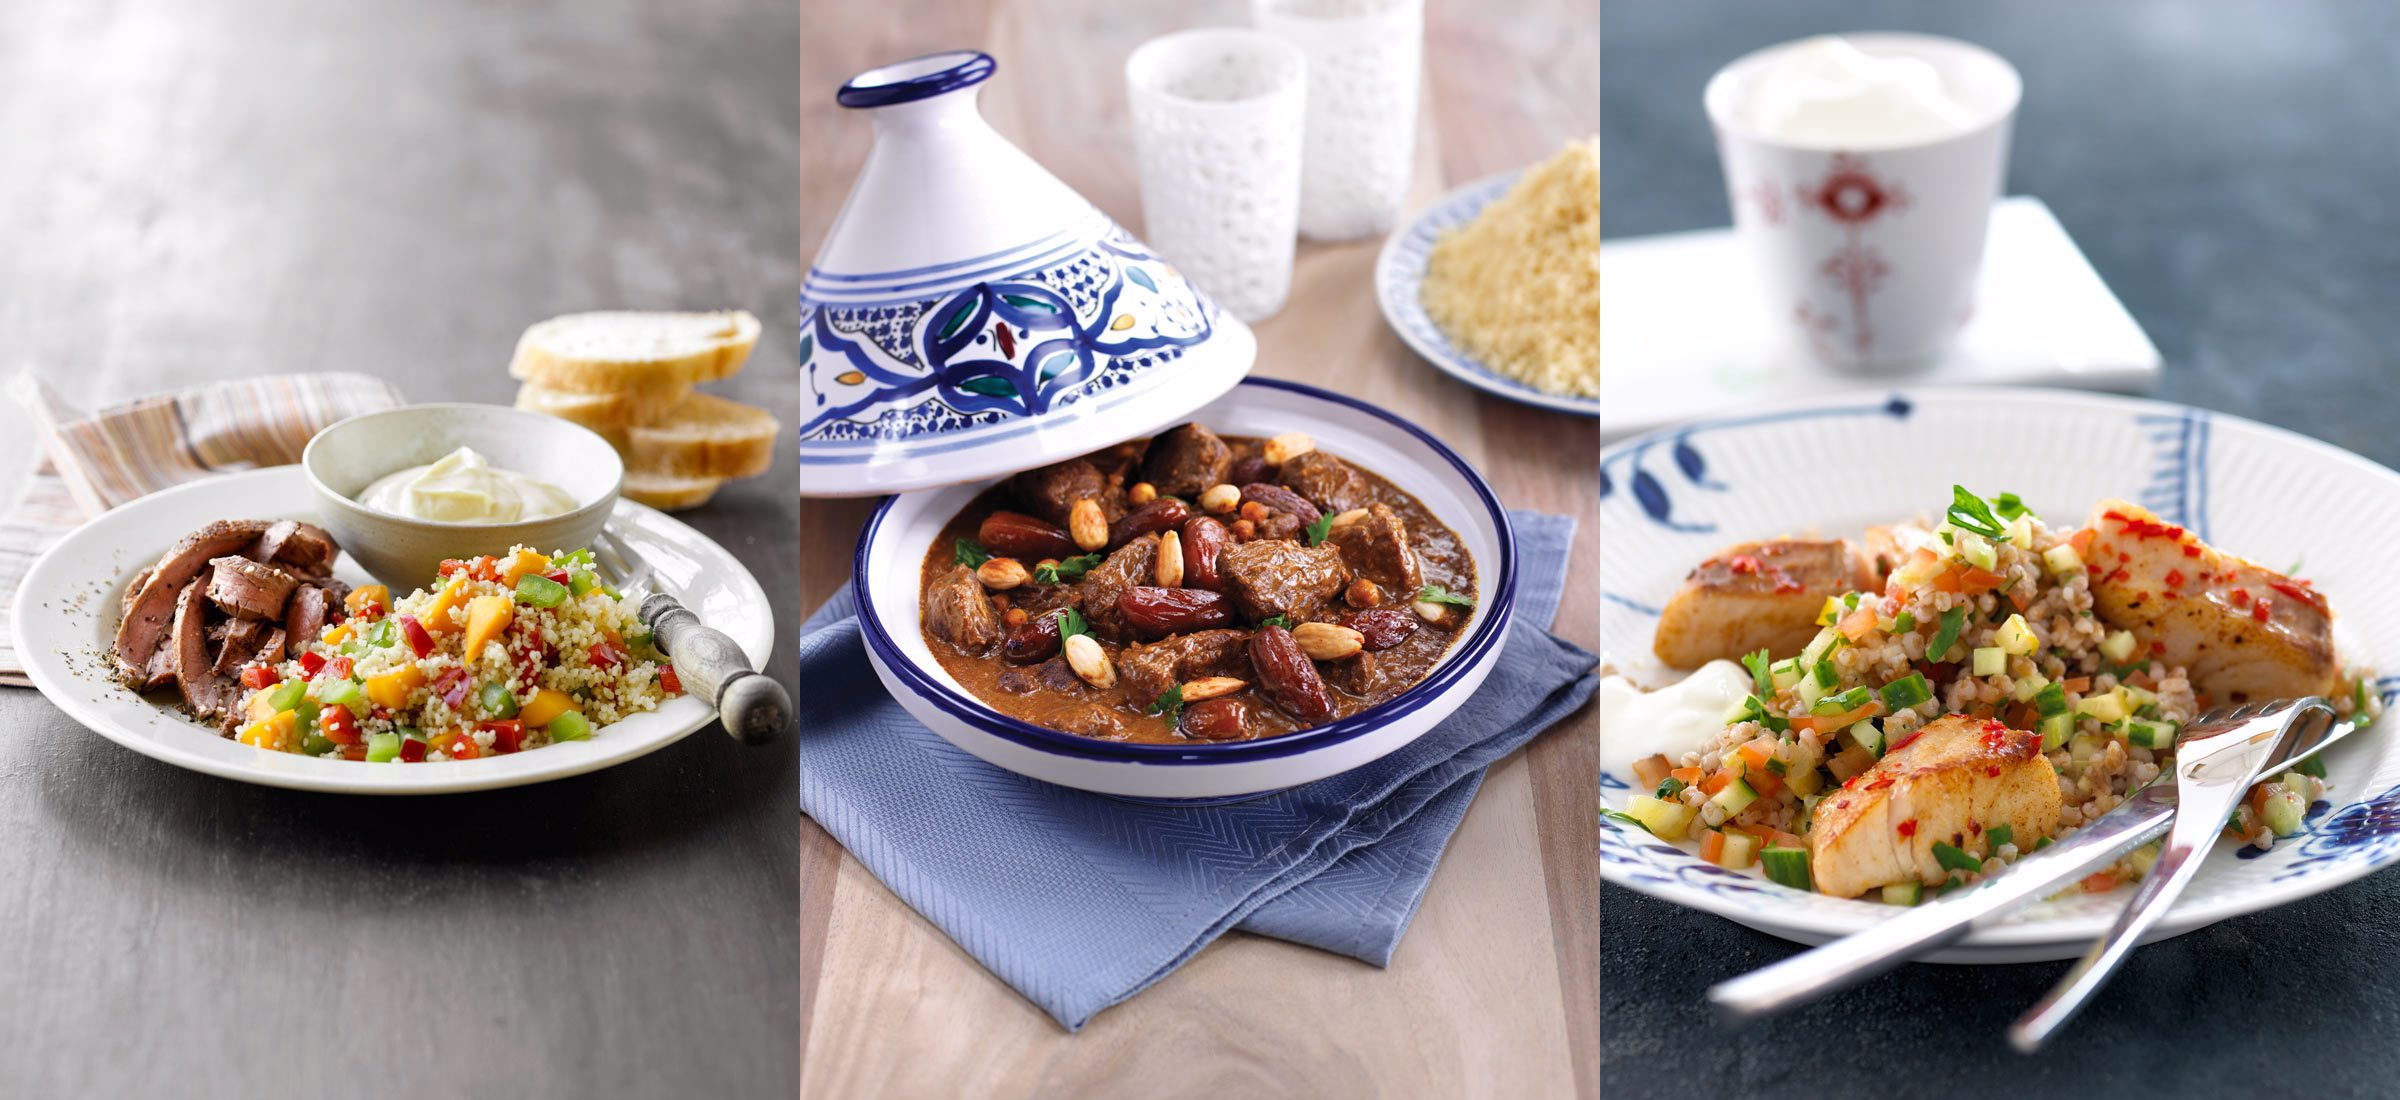 Afrikansk inspireret mad - Afrikas varme - Opskrifter fra Arla